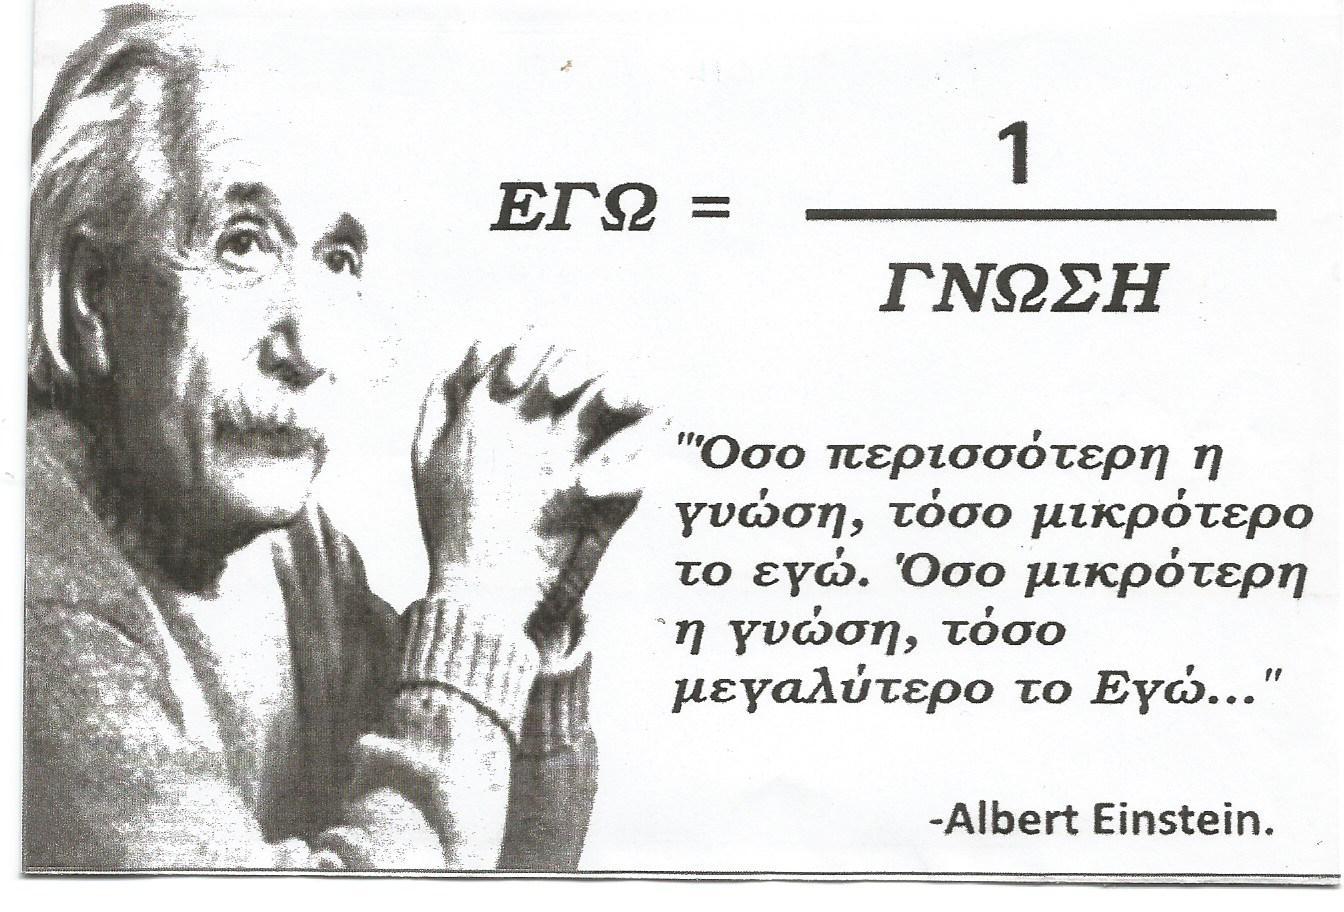 Εξίσωση του Αϊνσταϊν.